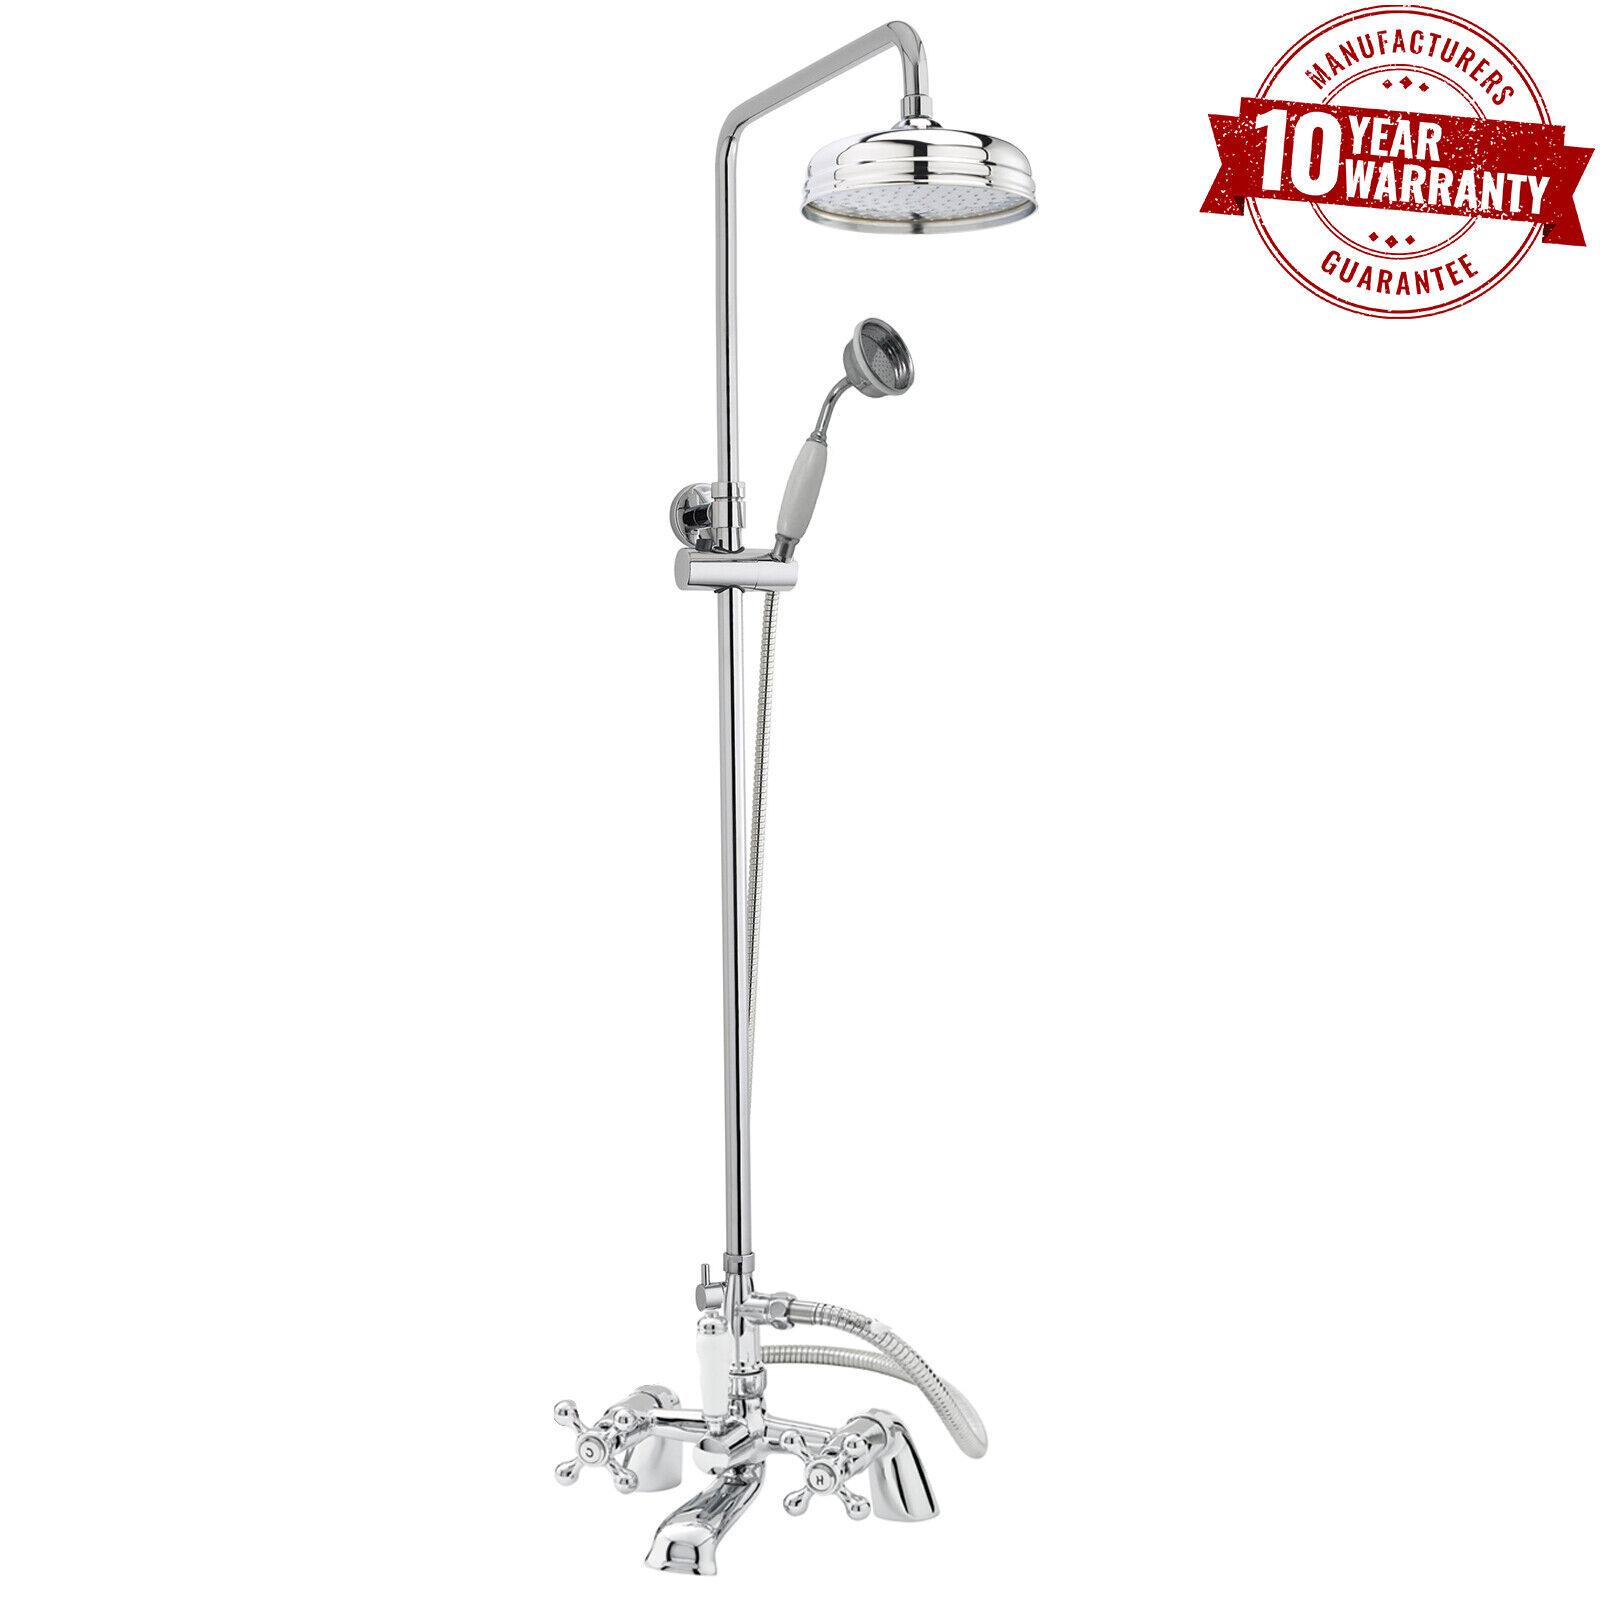 Traditionnel bain douche mitigeur avec rond rigide montage tête de douche & combiné